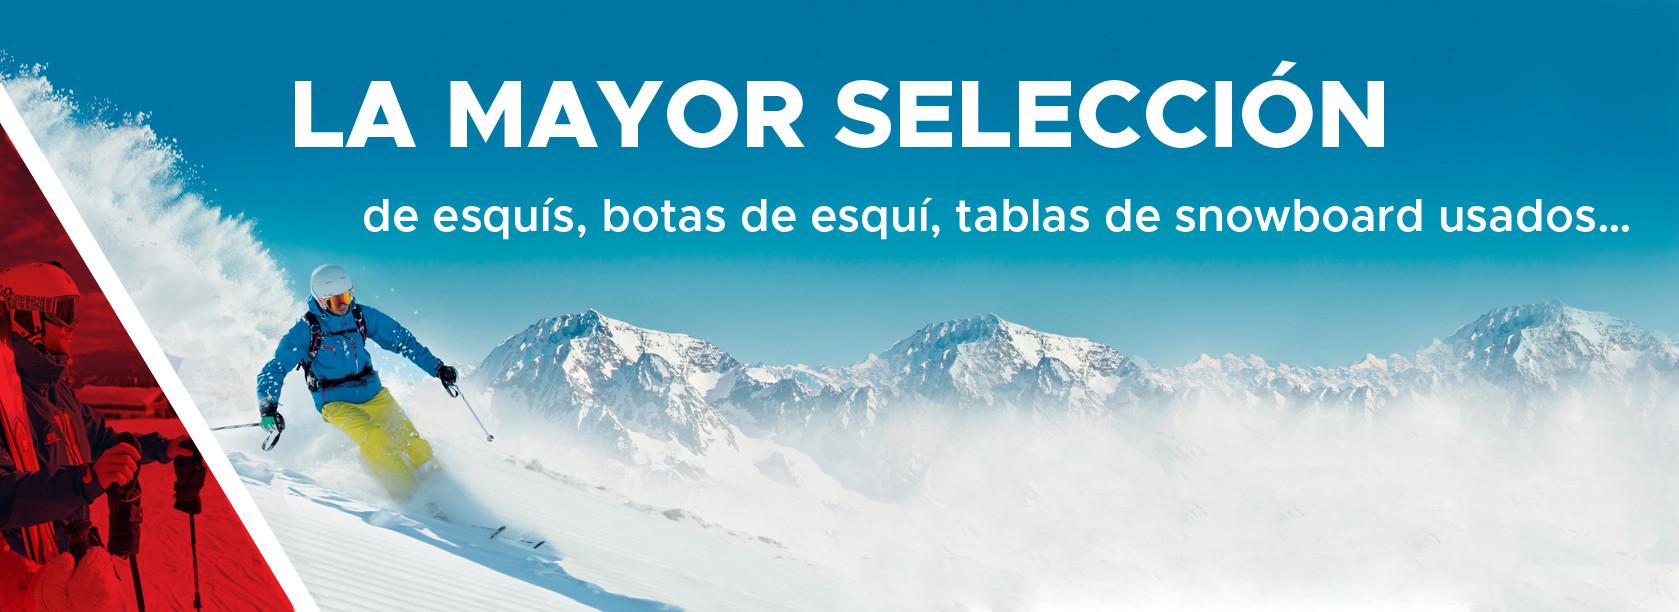 de esquis, botasde esqui, tablas de snowboard usados